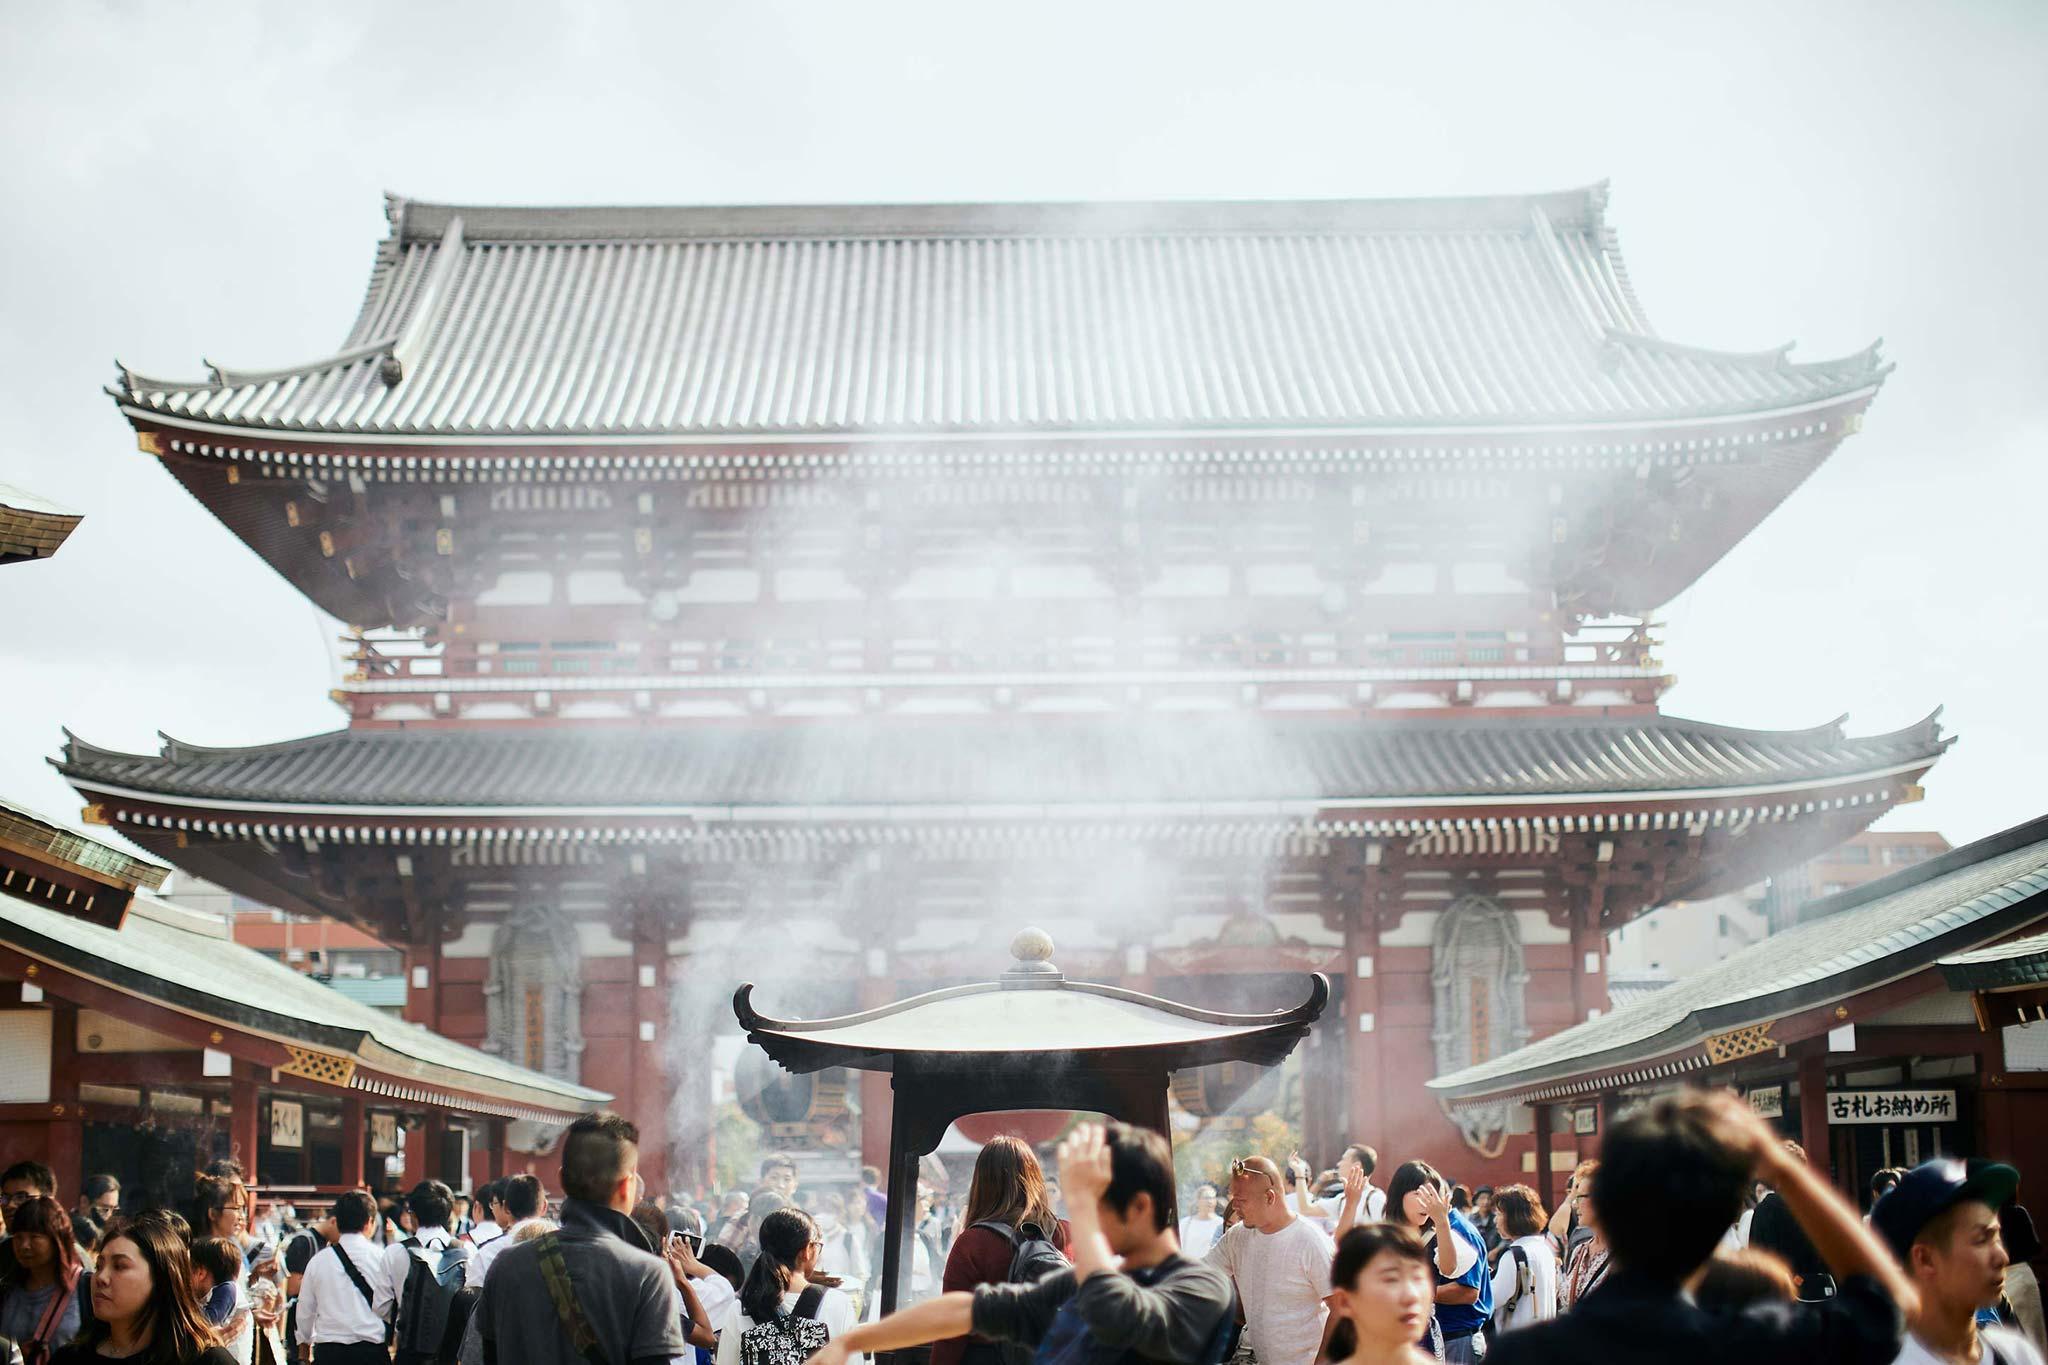 tokyo asakusa shrine traditional wedding smoke from temple and tourists